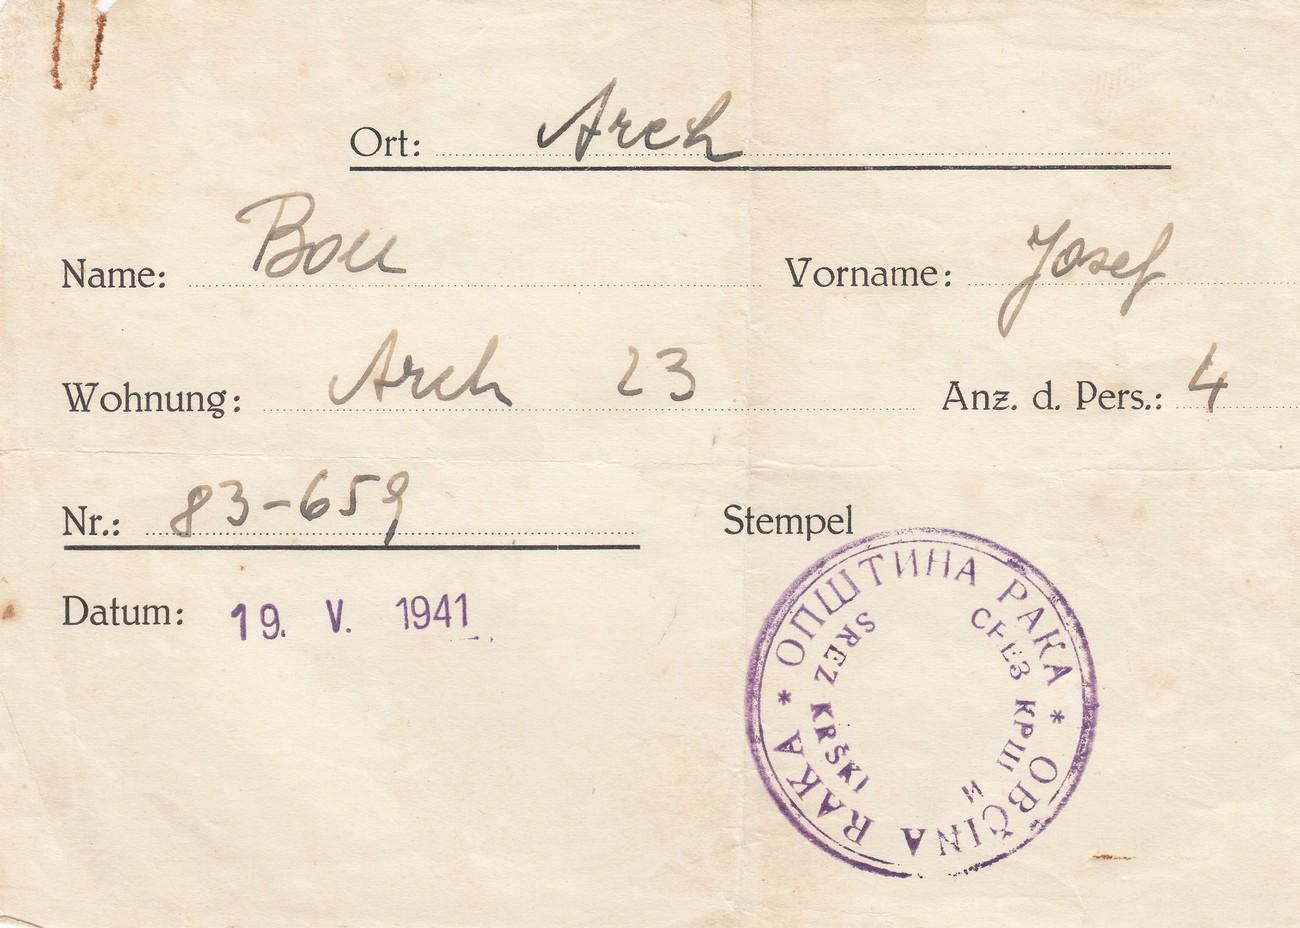 Obvestilo lastniku hiše pred izselitvijo, Raka, 19. 5. 1941. Dolenjski muzej Novo mesto.